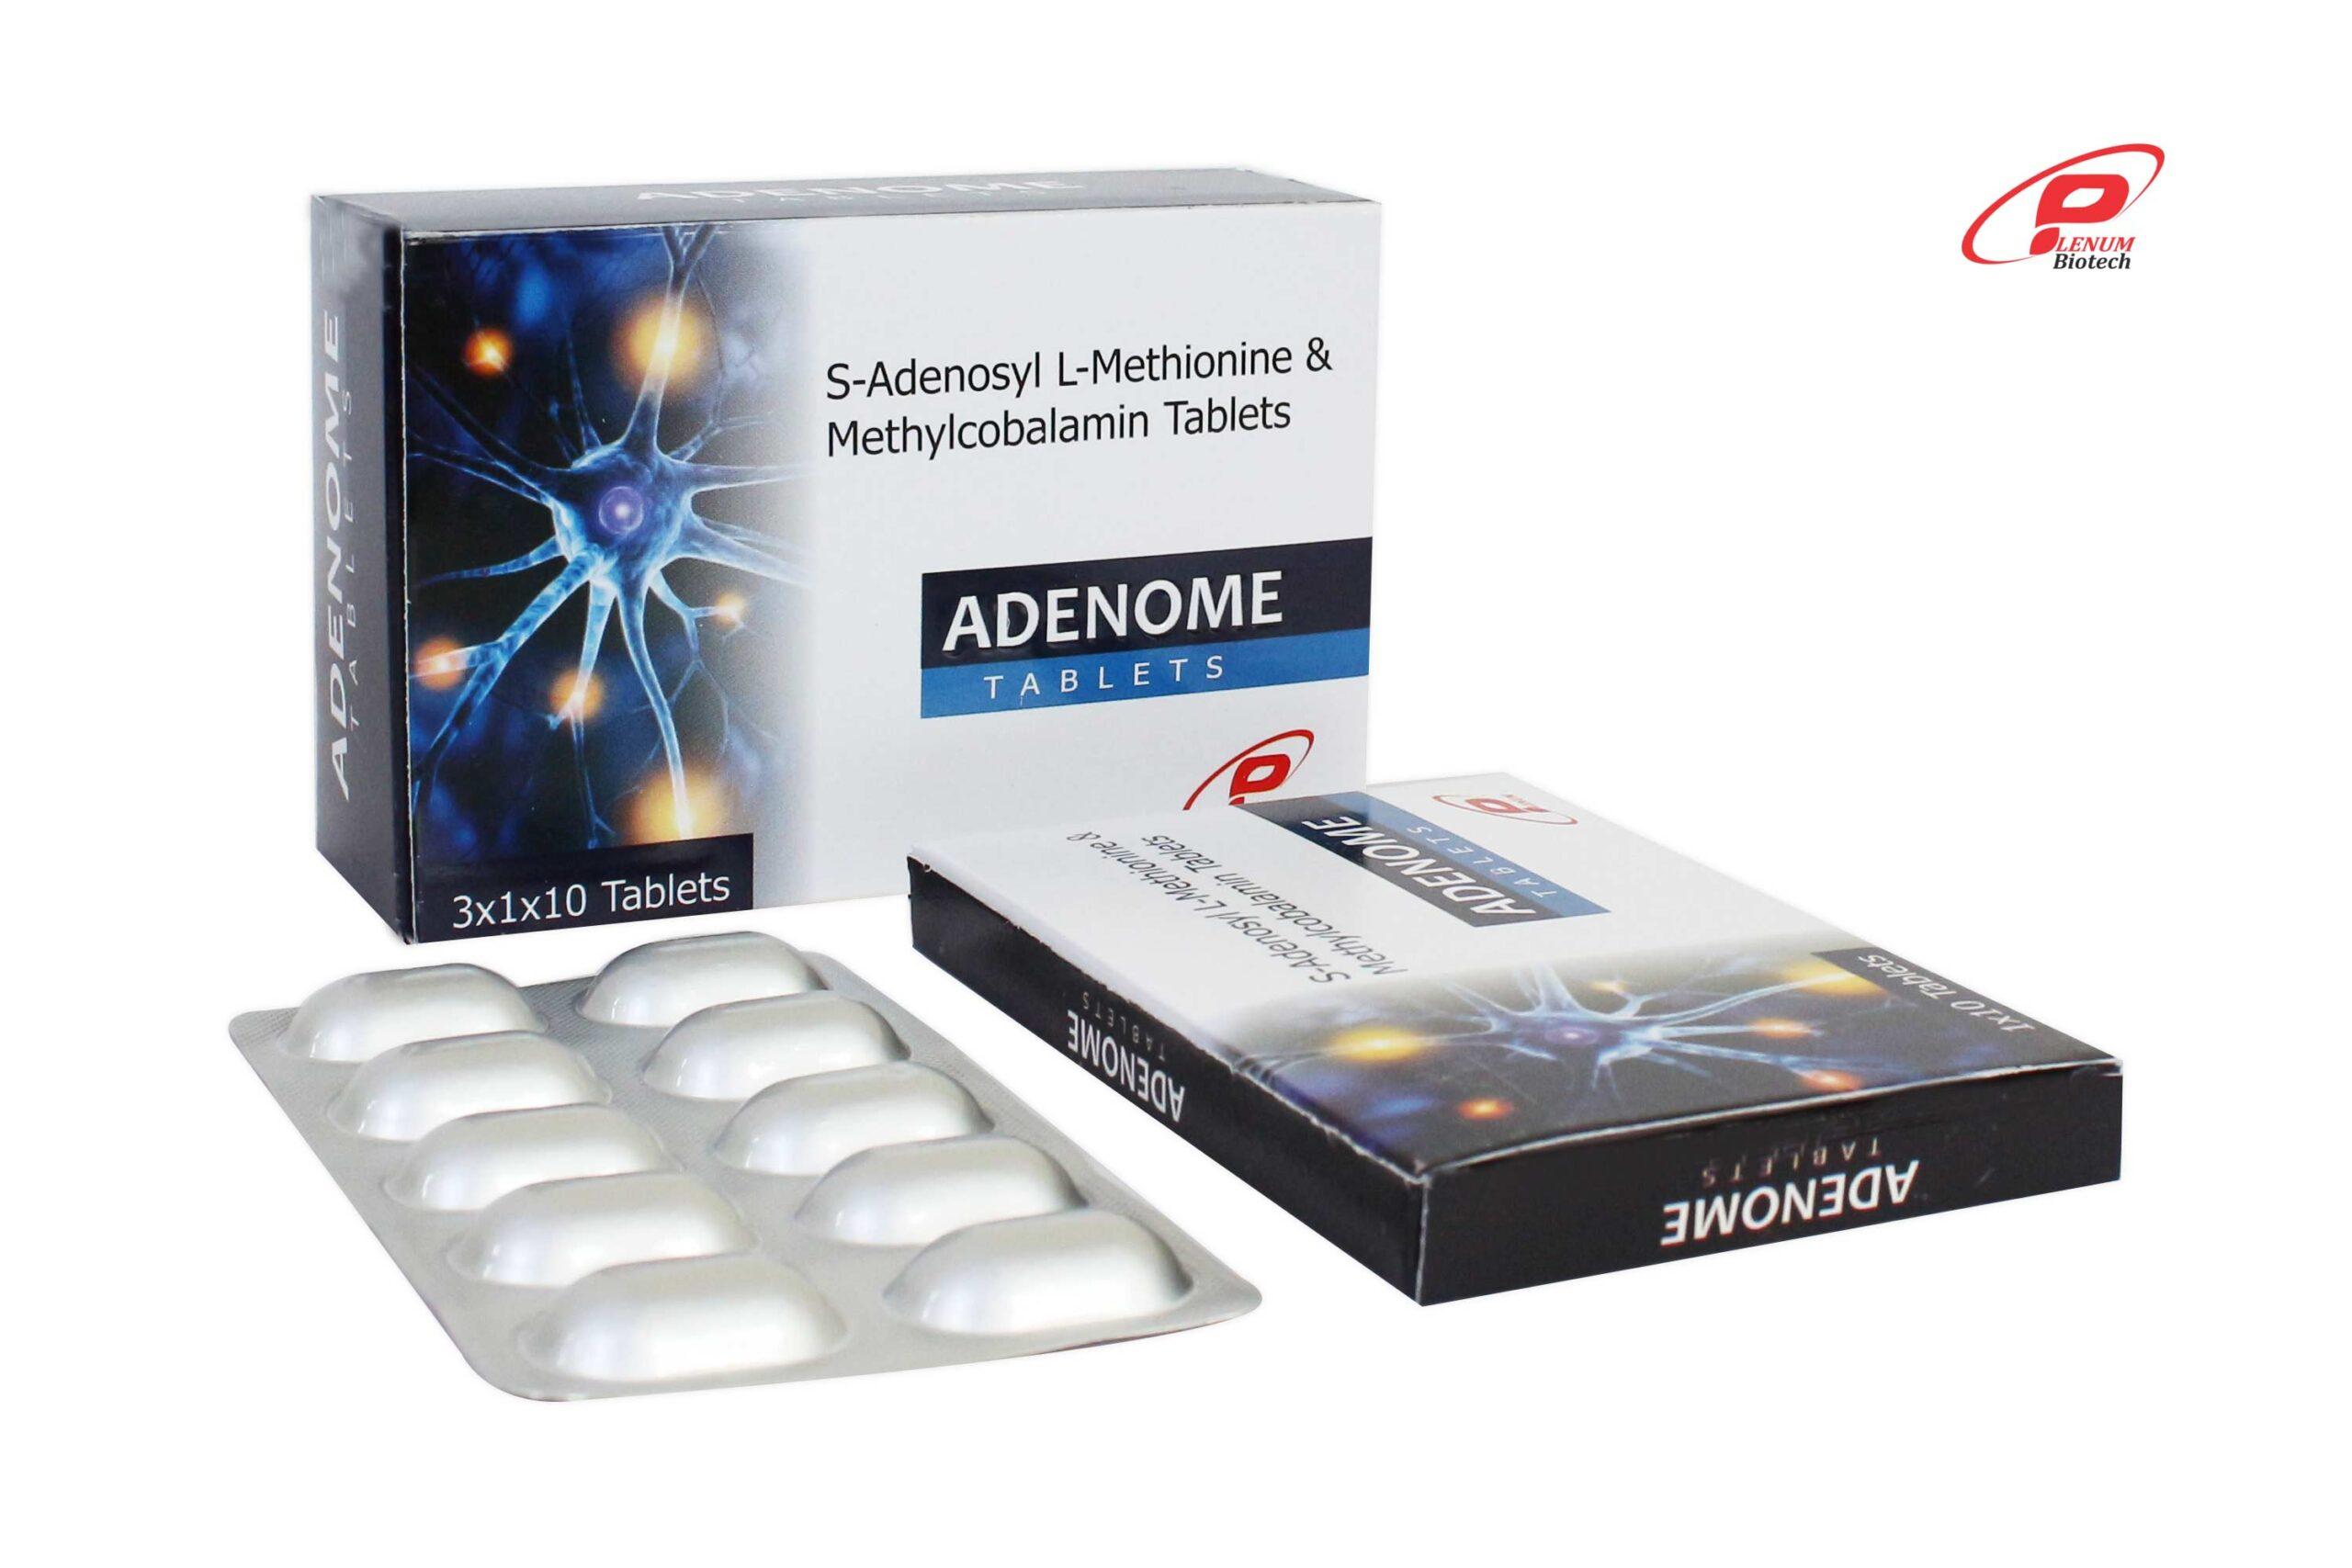 Adenome